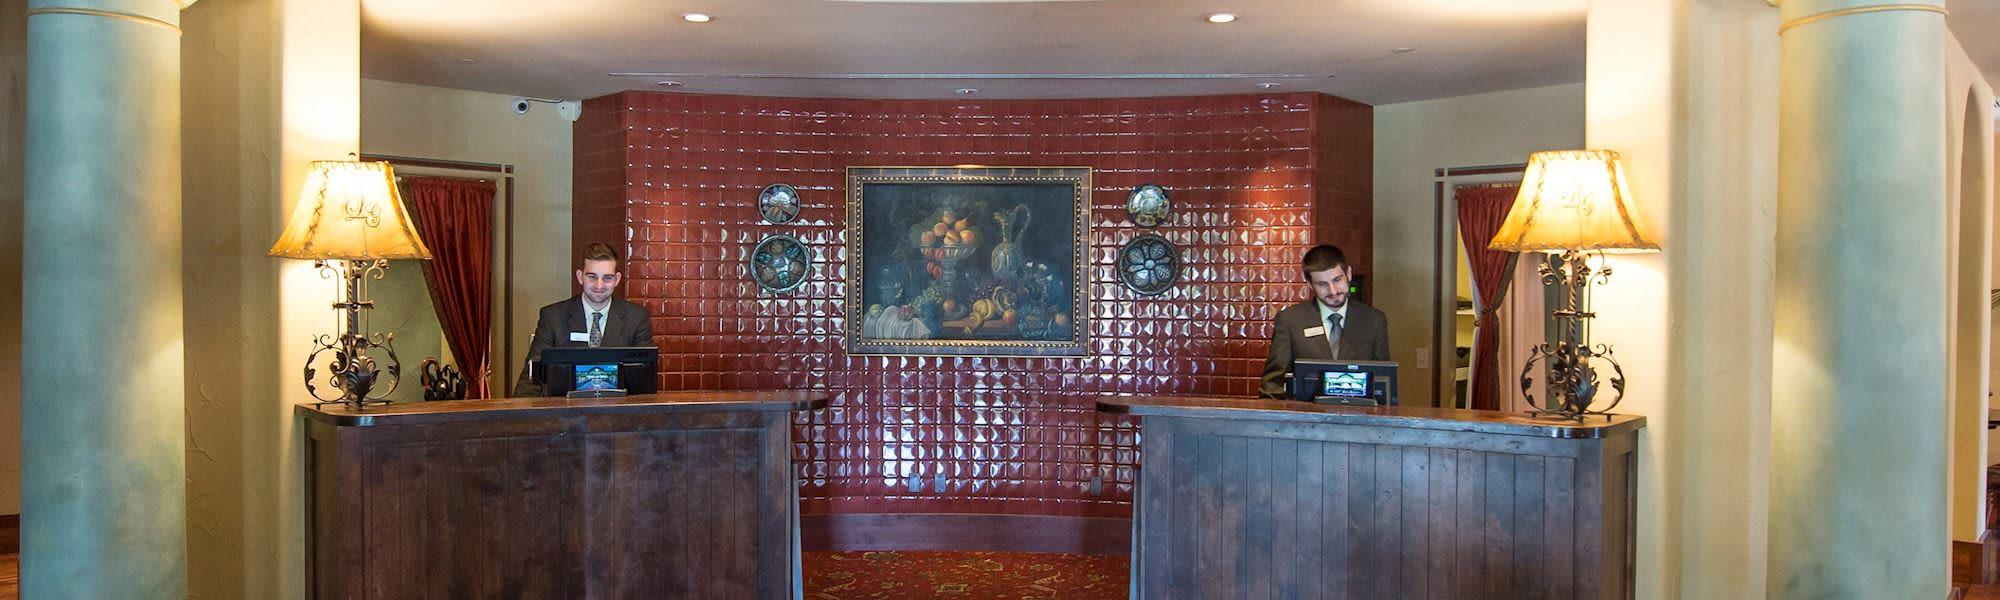 Hotel Los Gatos - A Greystone Hotel, California Contact Us